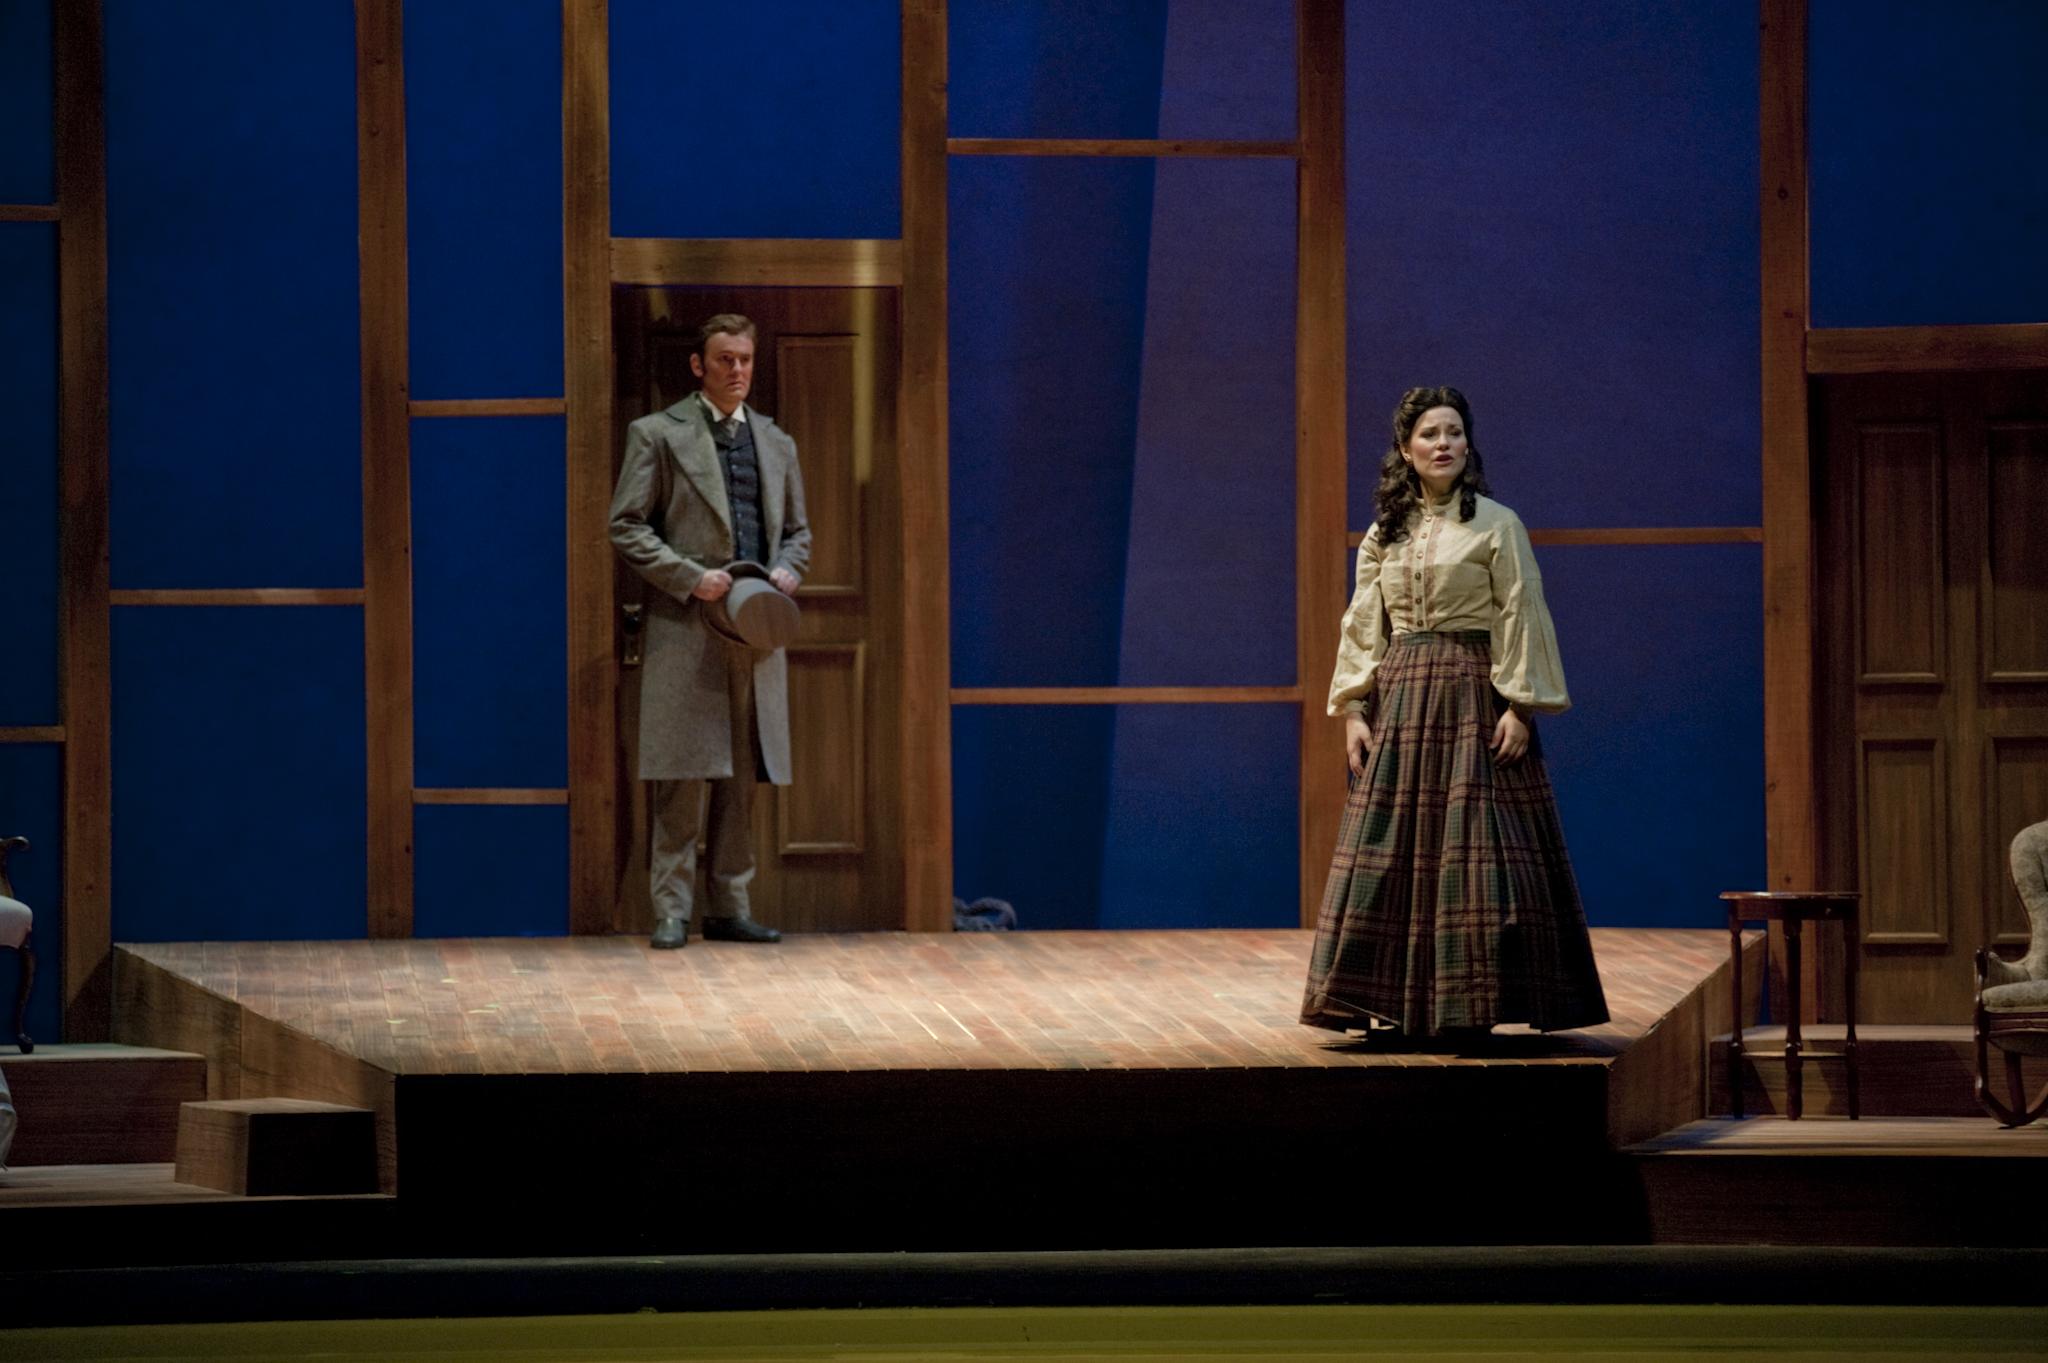 Opera_LilWomen_255.jpg